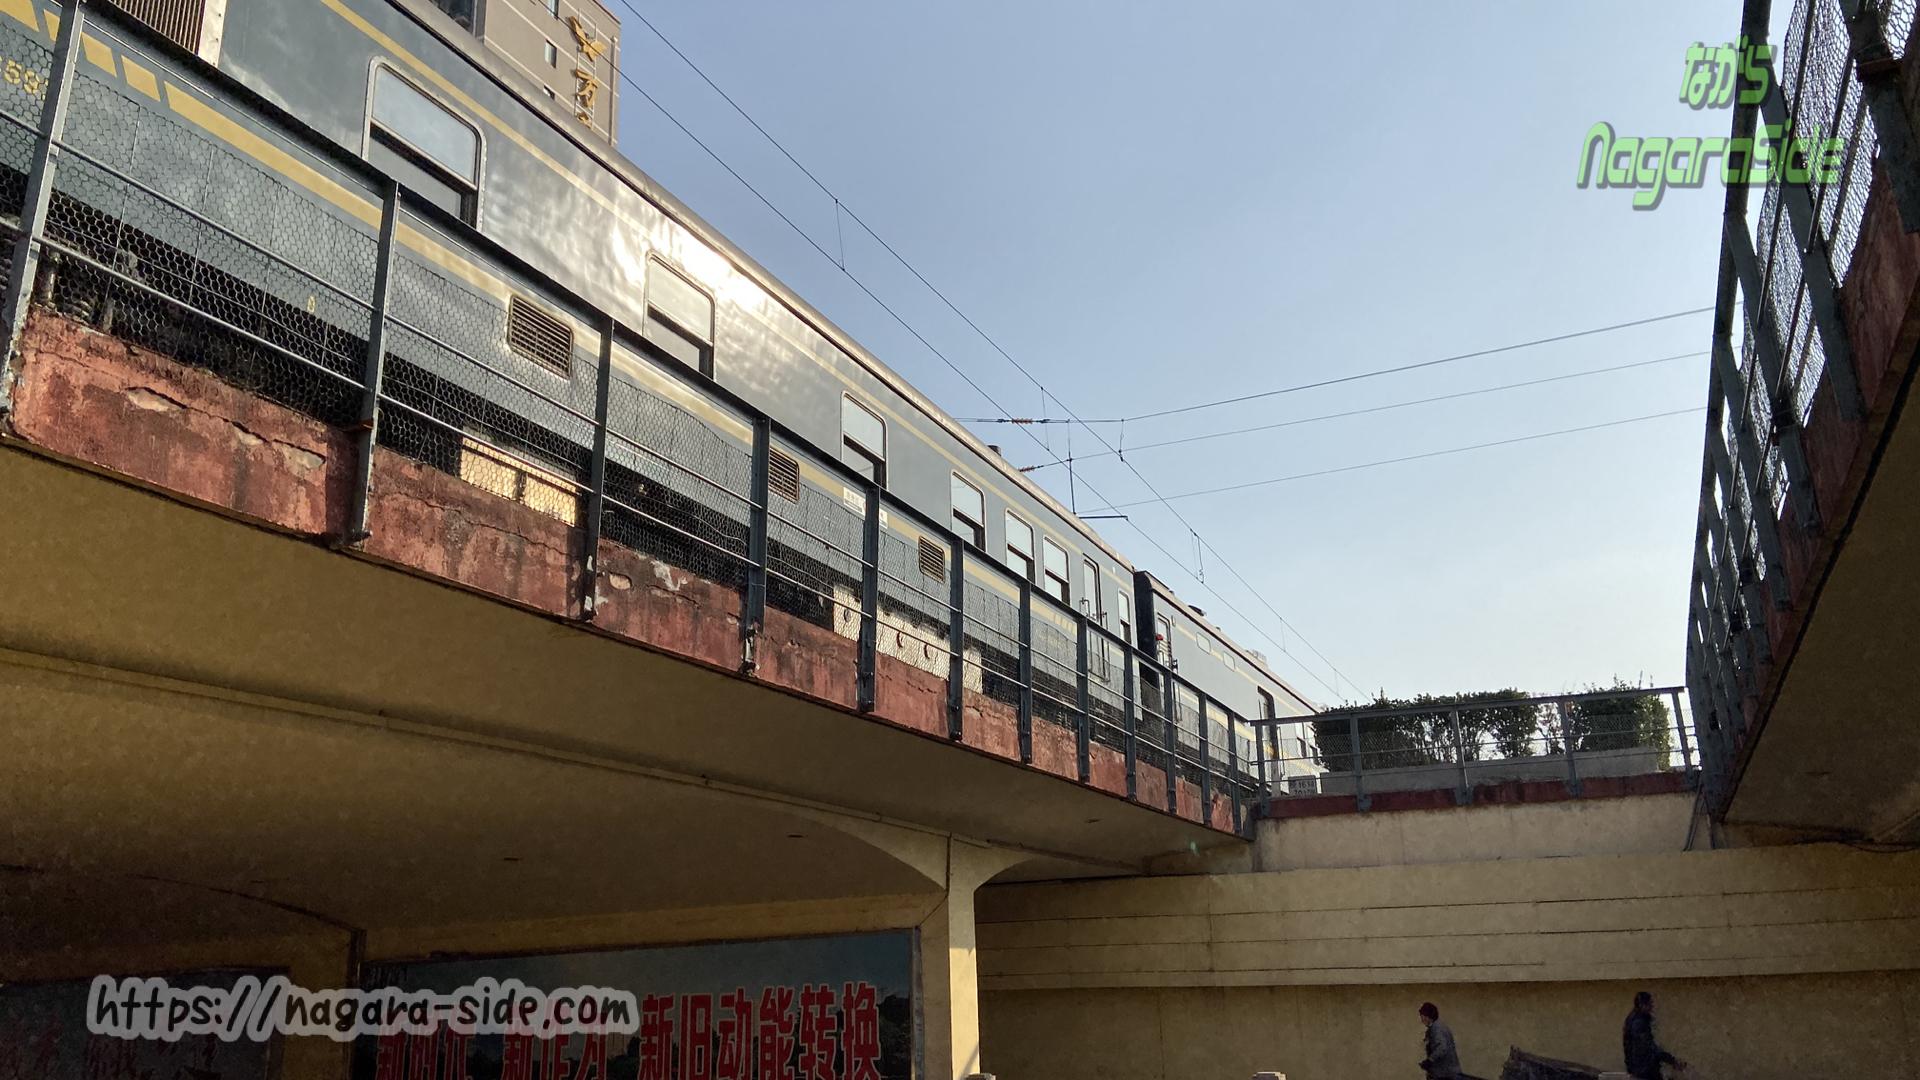 中国鉄路の多くはアンダーパス